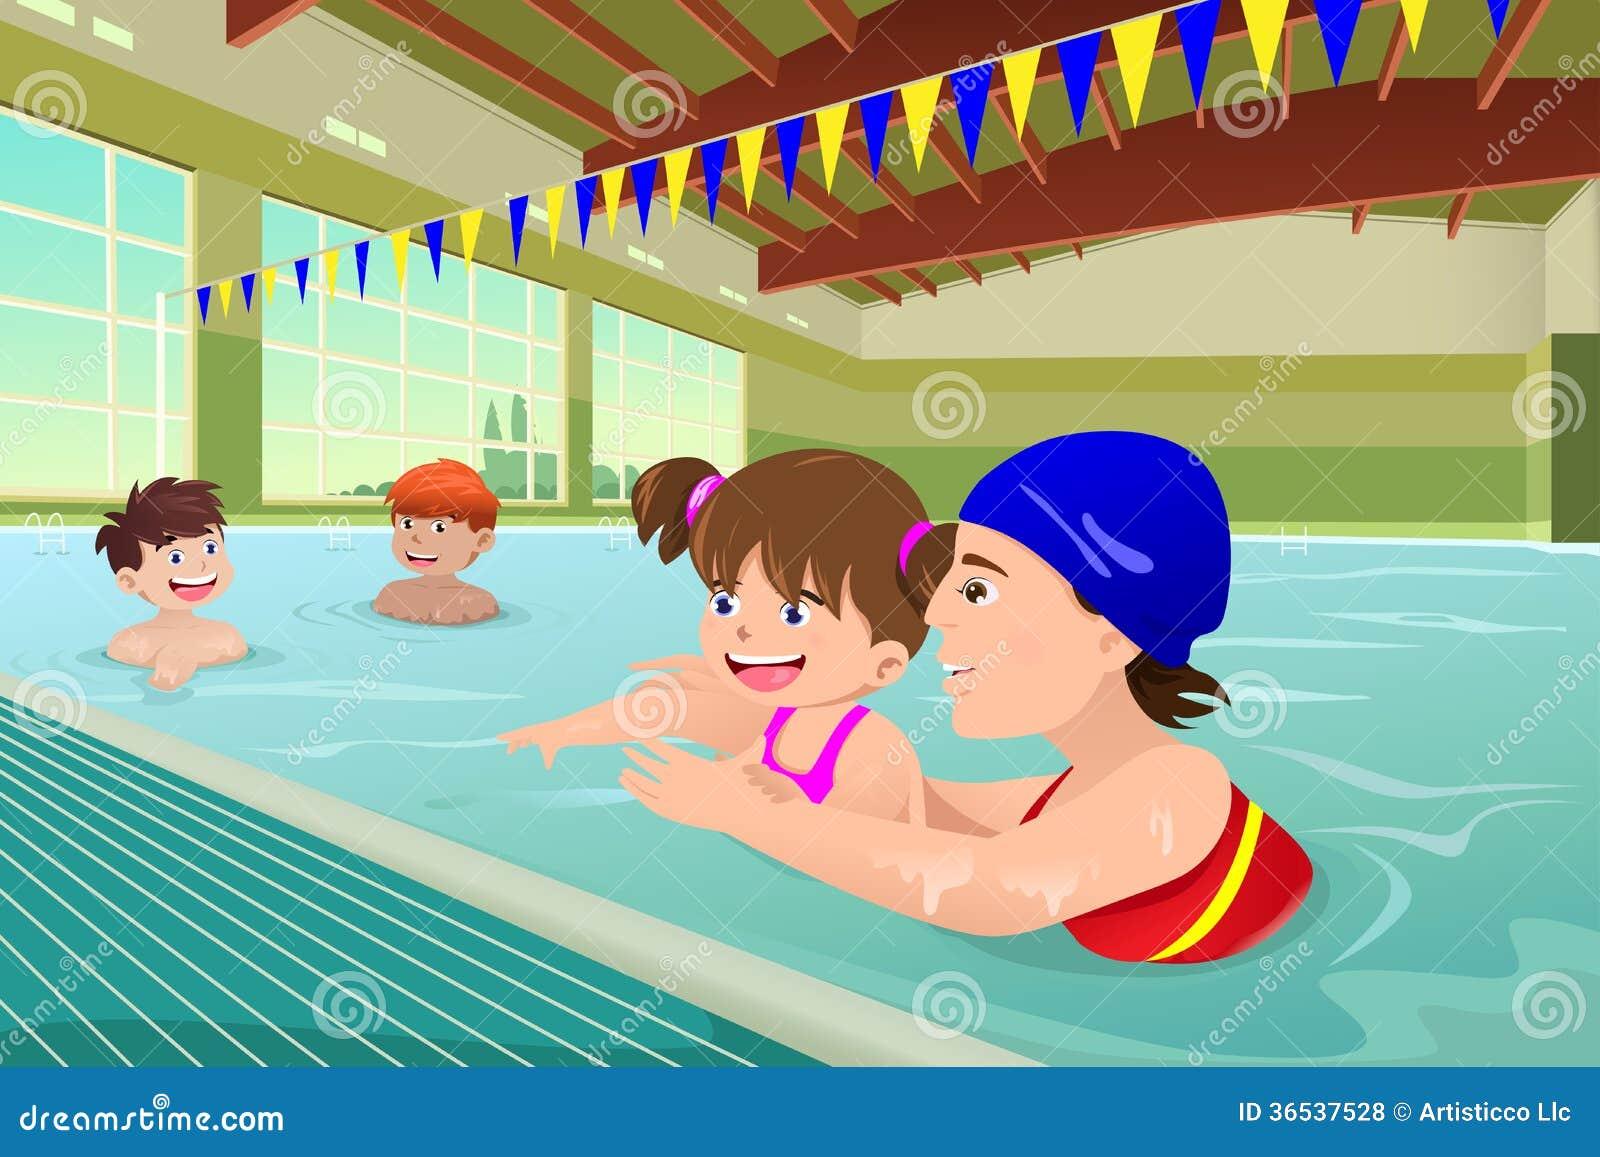 Enfants ayant une le on de natation dans la piscine d for Piscine xs prix